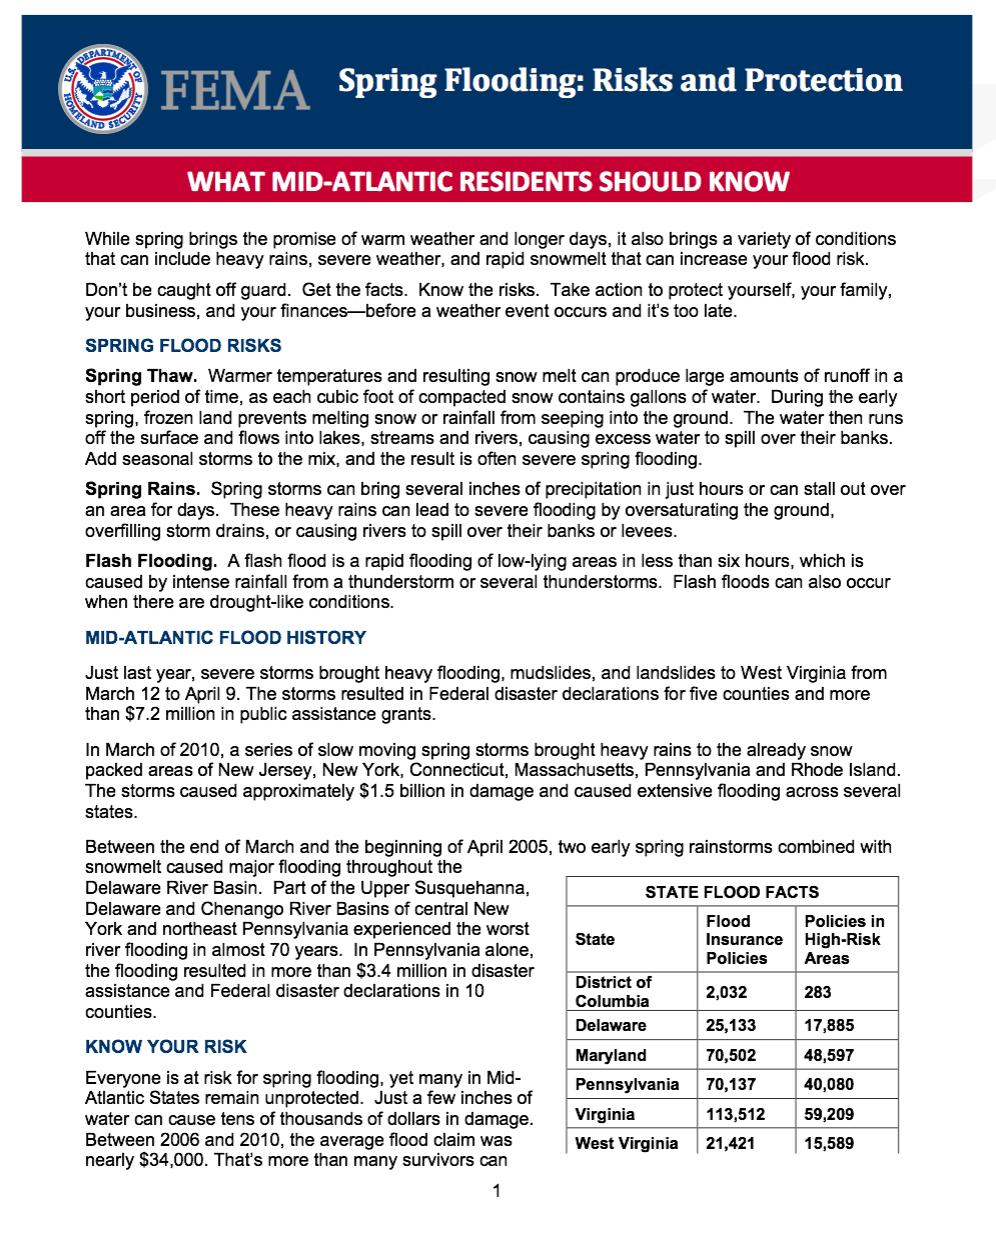 FEMA handout regarding Spring Flooding